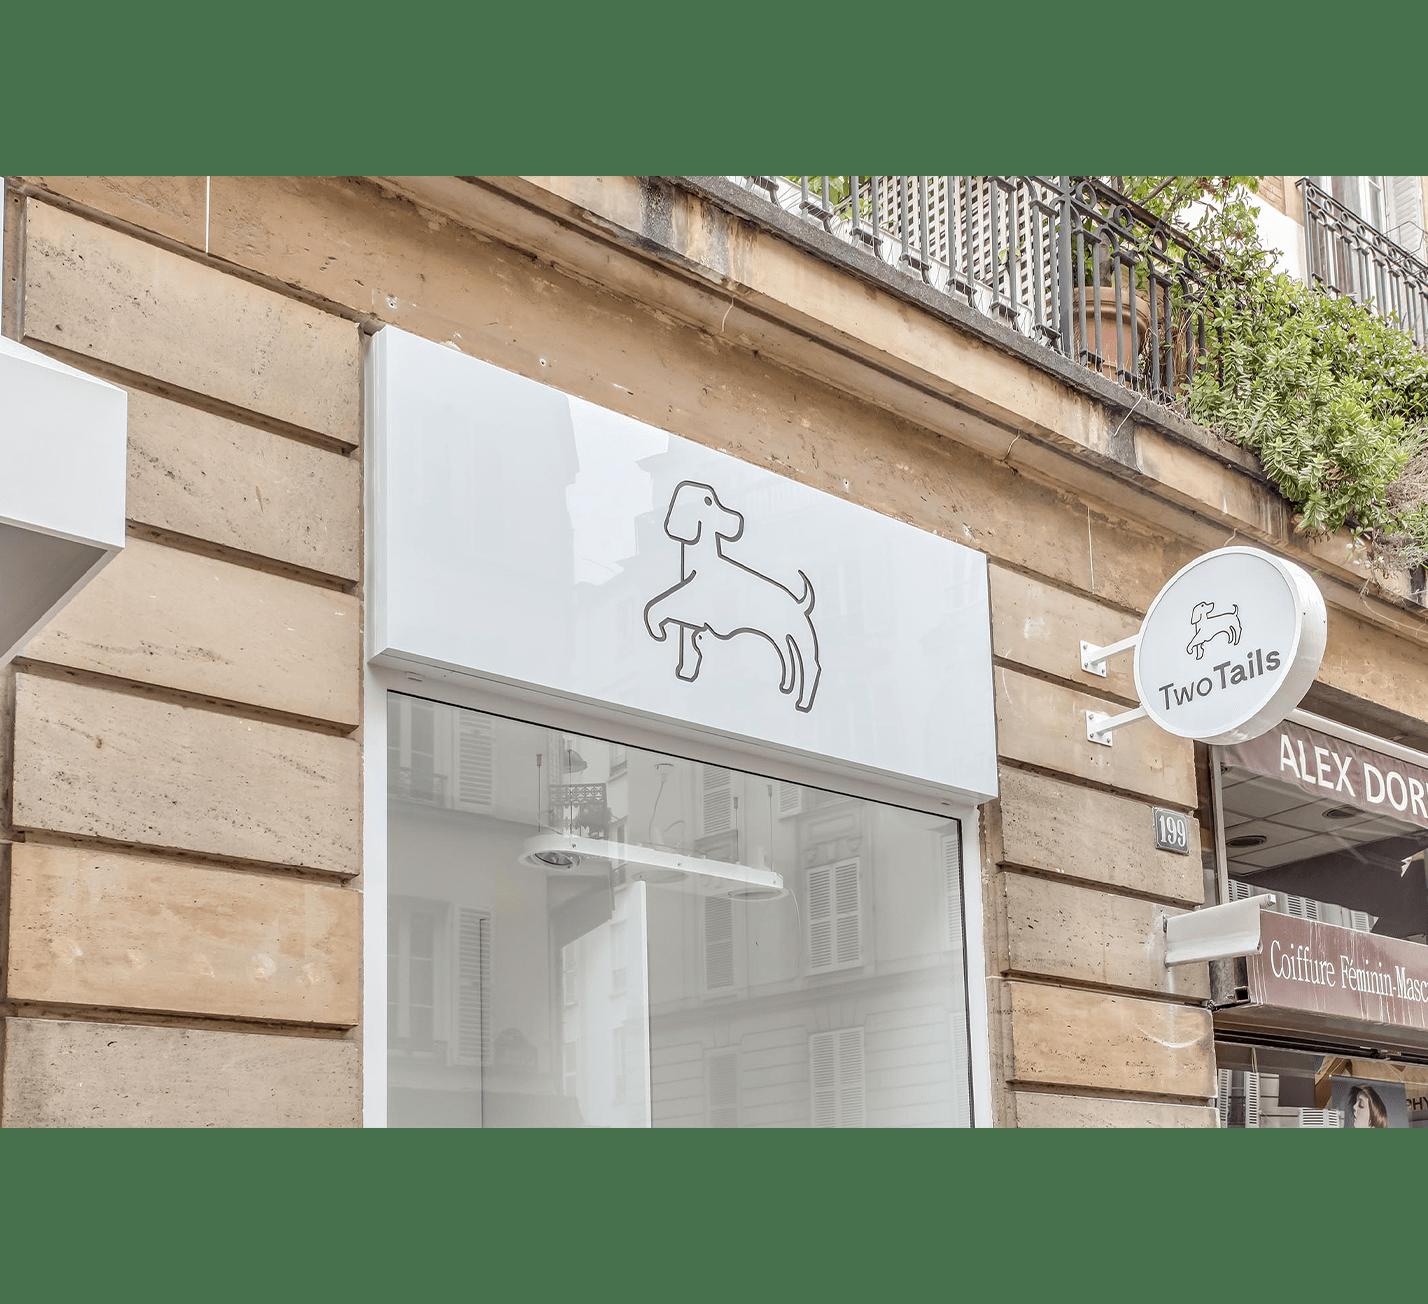 Projet-Two-Tails-Atelier-Steve-Pauline-Borgia-Architecture-interieur-01-min